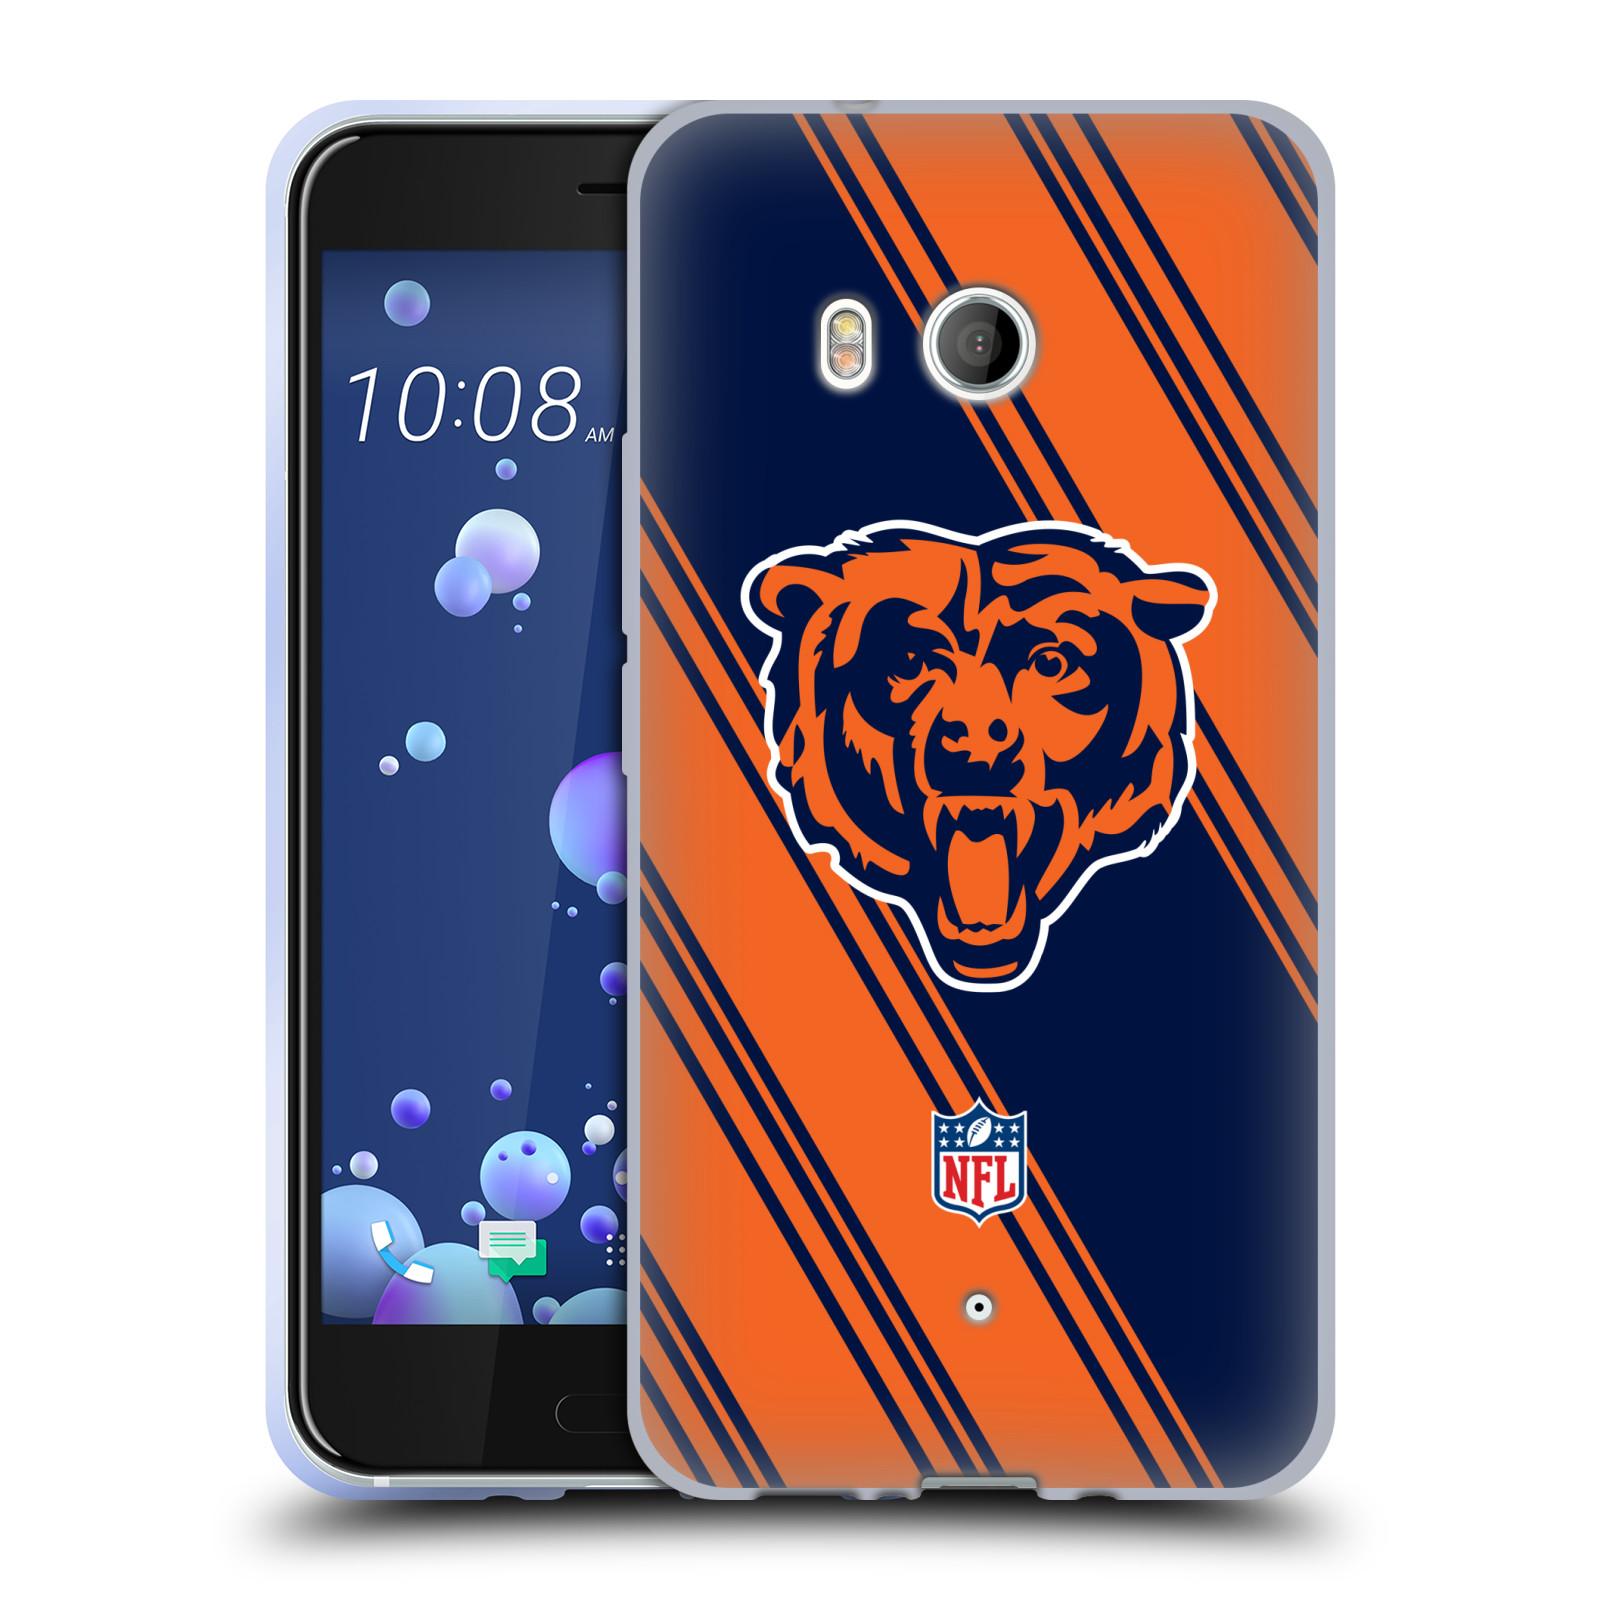 Oficial-de-la-NFL-2017-18-Chicago-Bears-caso-De-Gel-Suave-para-TELEFONOS-HTC-1